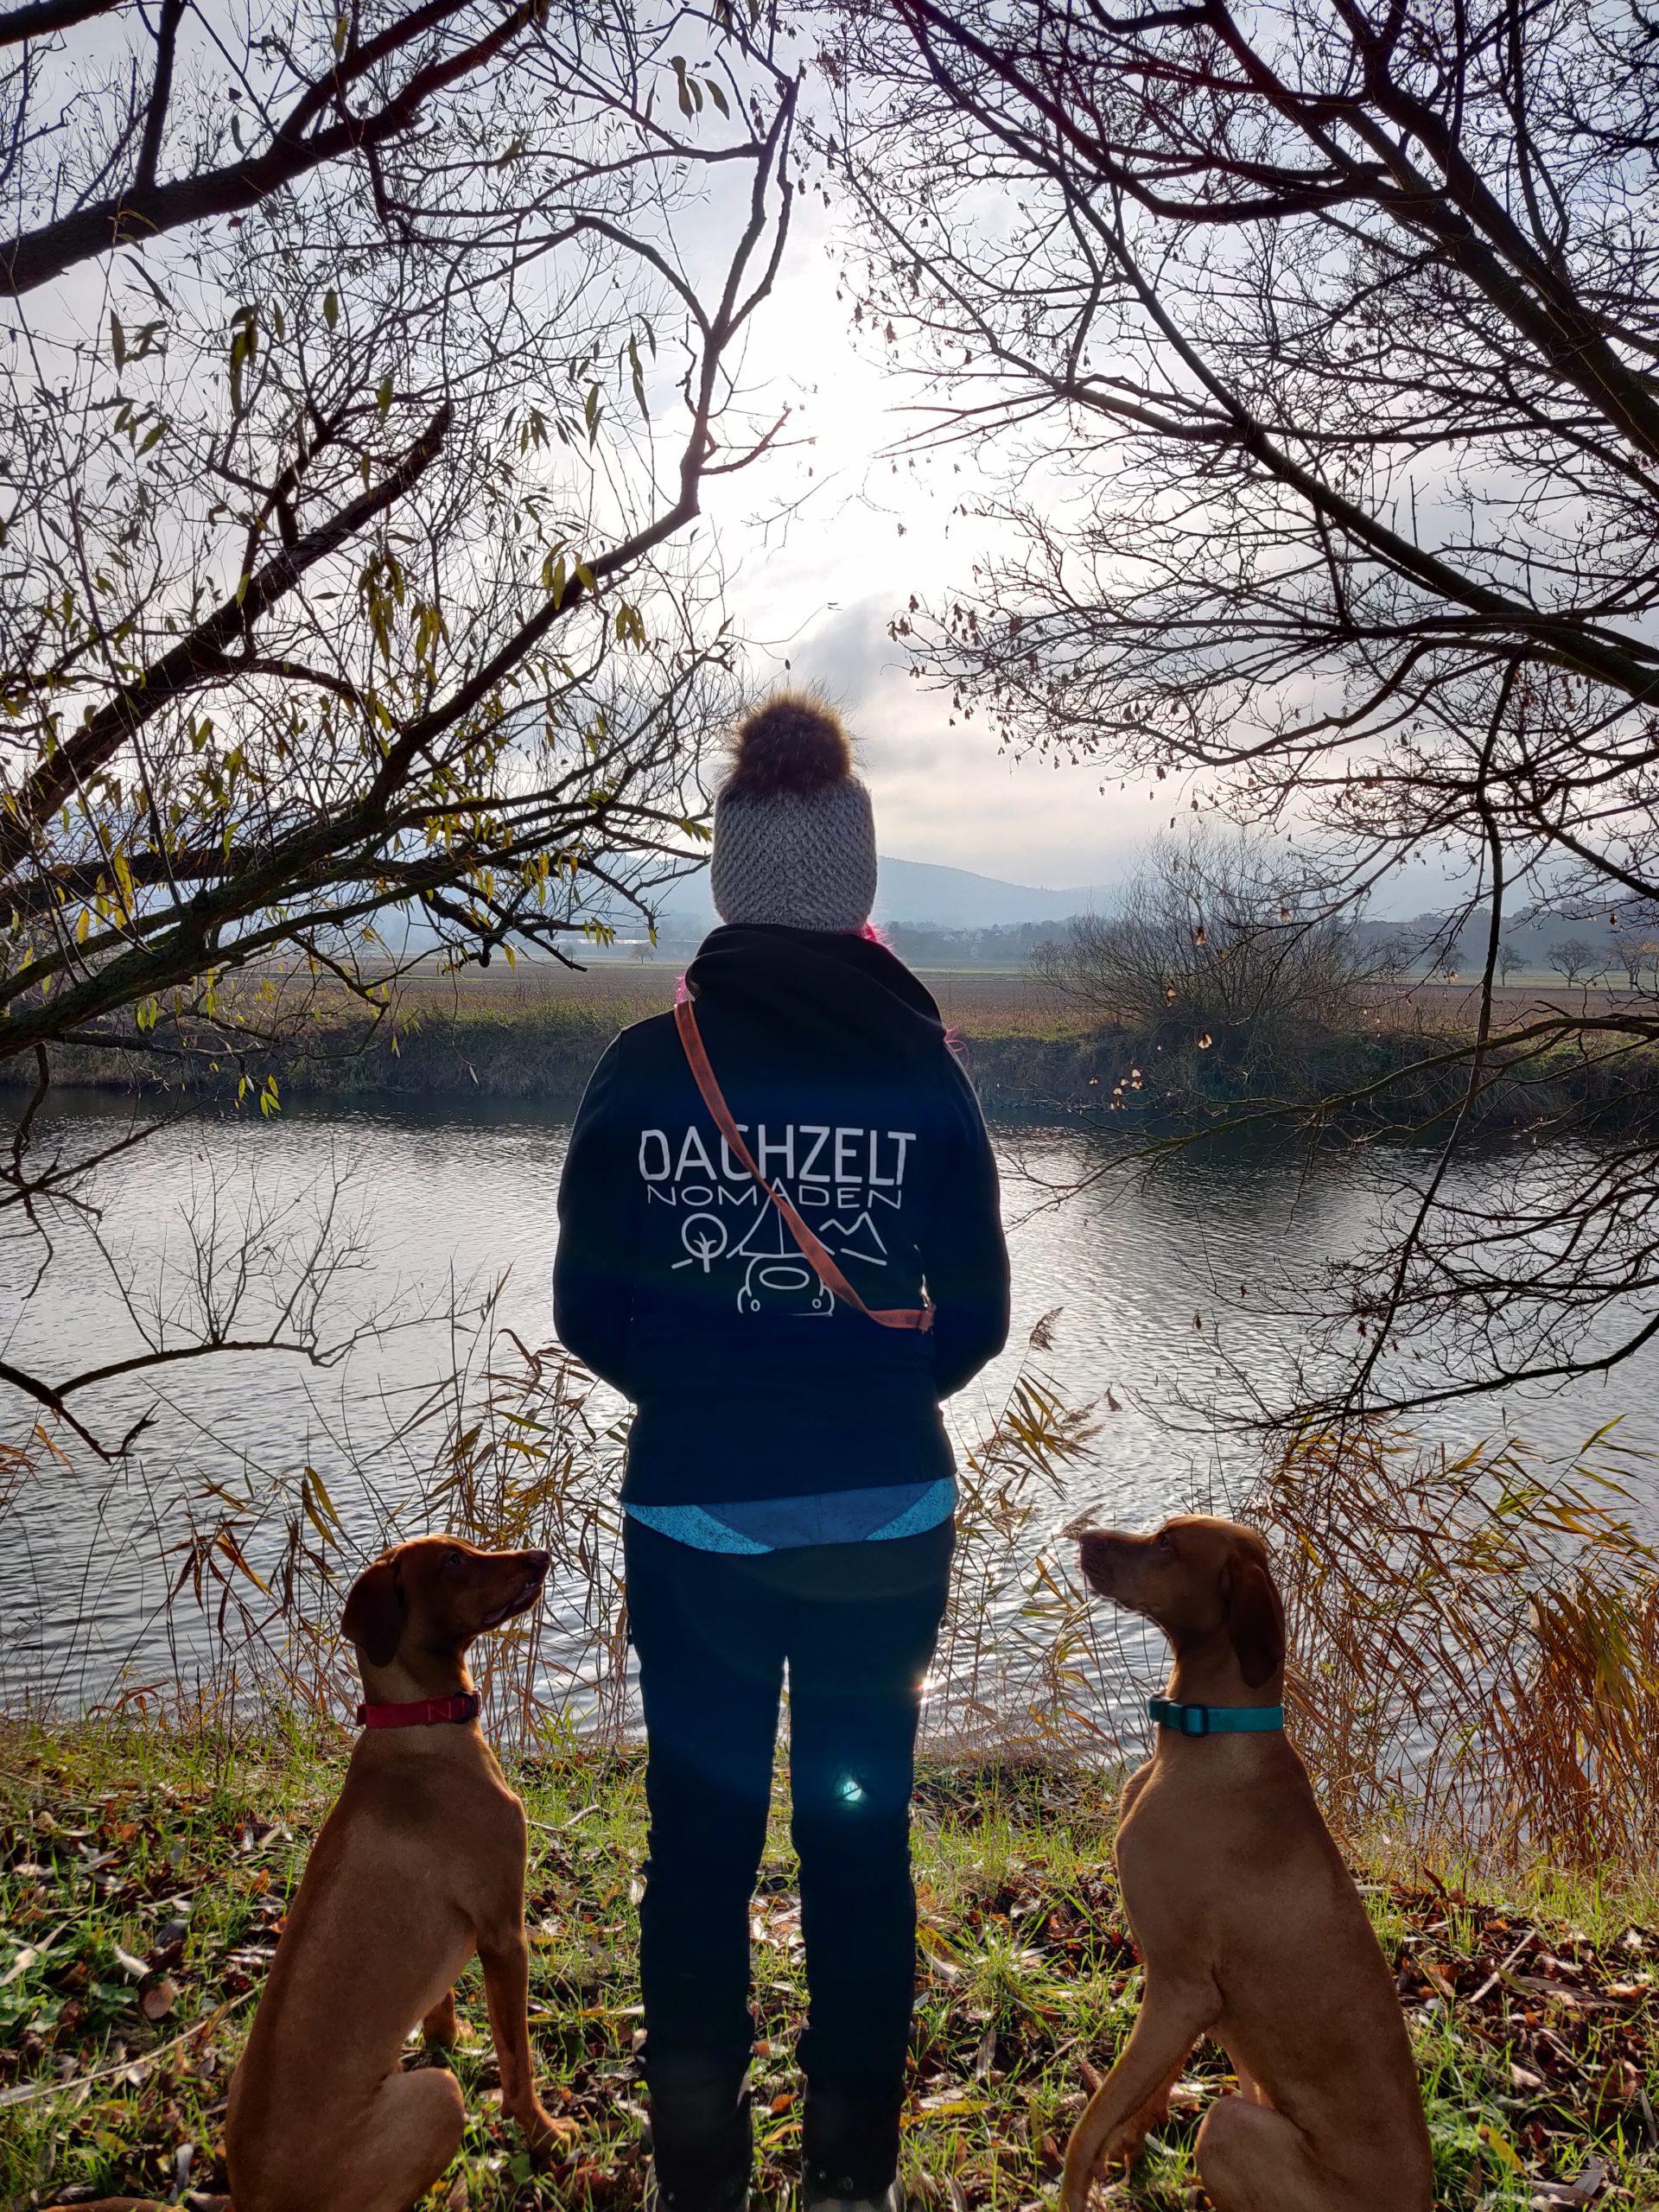 Frau steht mit zwei Hunden an einem Fluss und hat ein Dachzeltnomaden Hoodie an